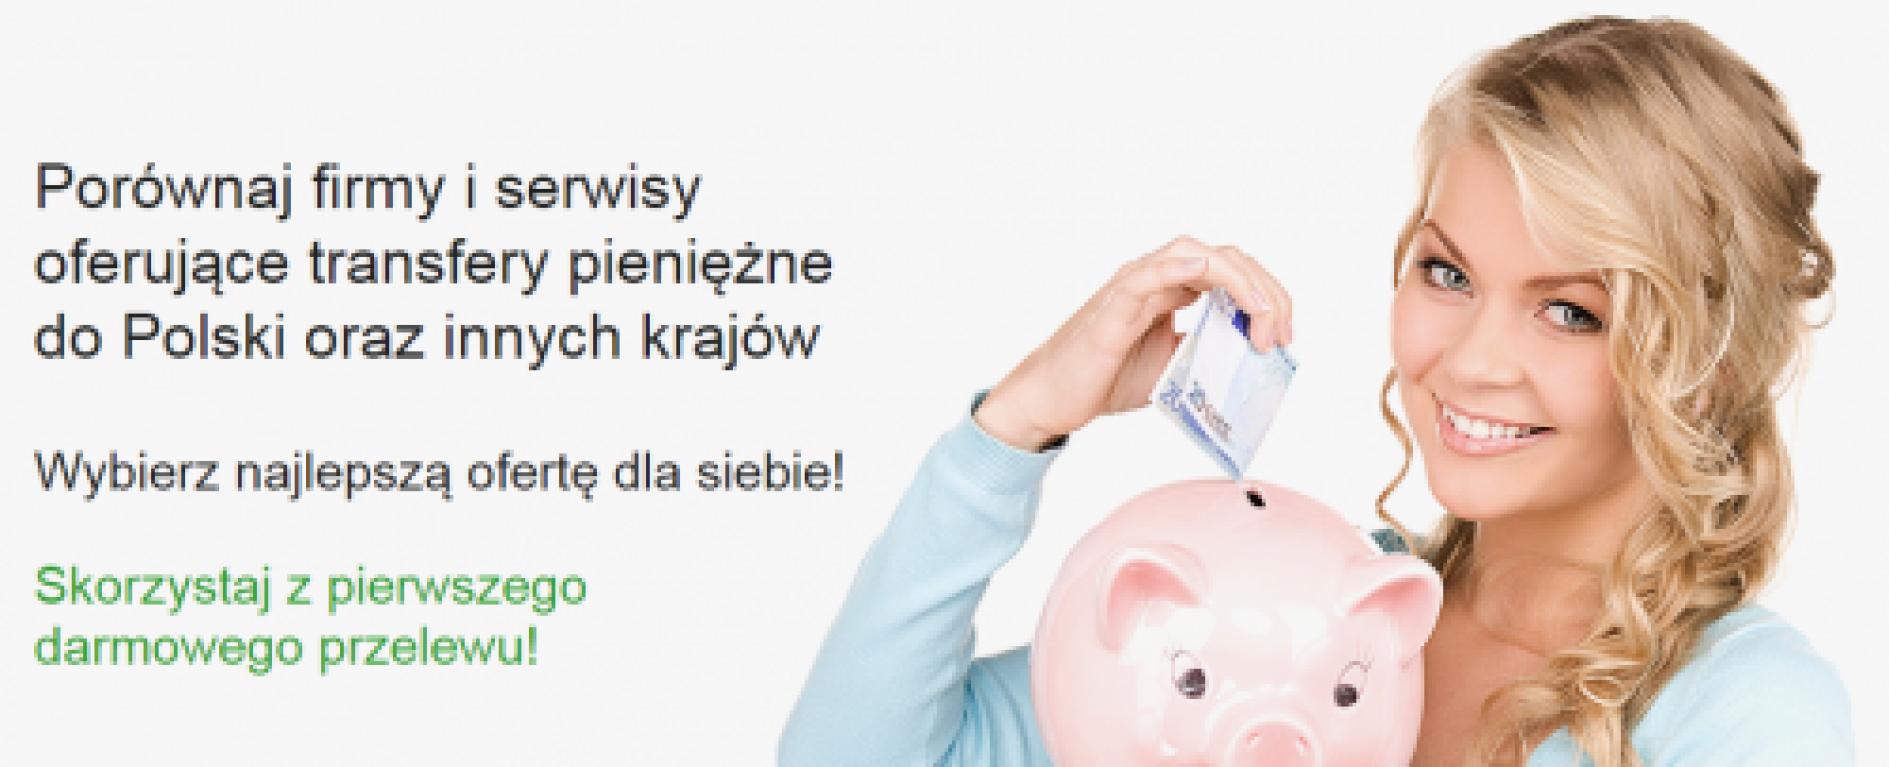 Prywatne pozyczki i prywatne inwestycje calej Pols